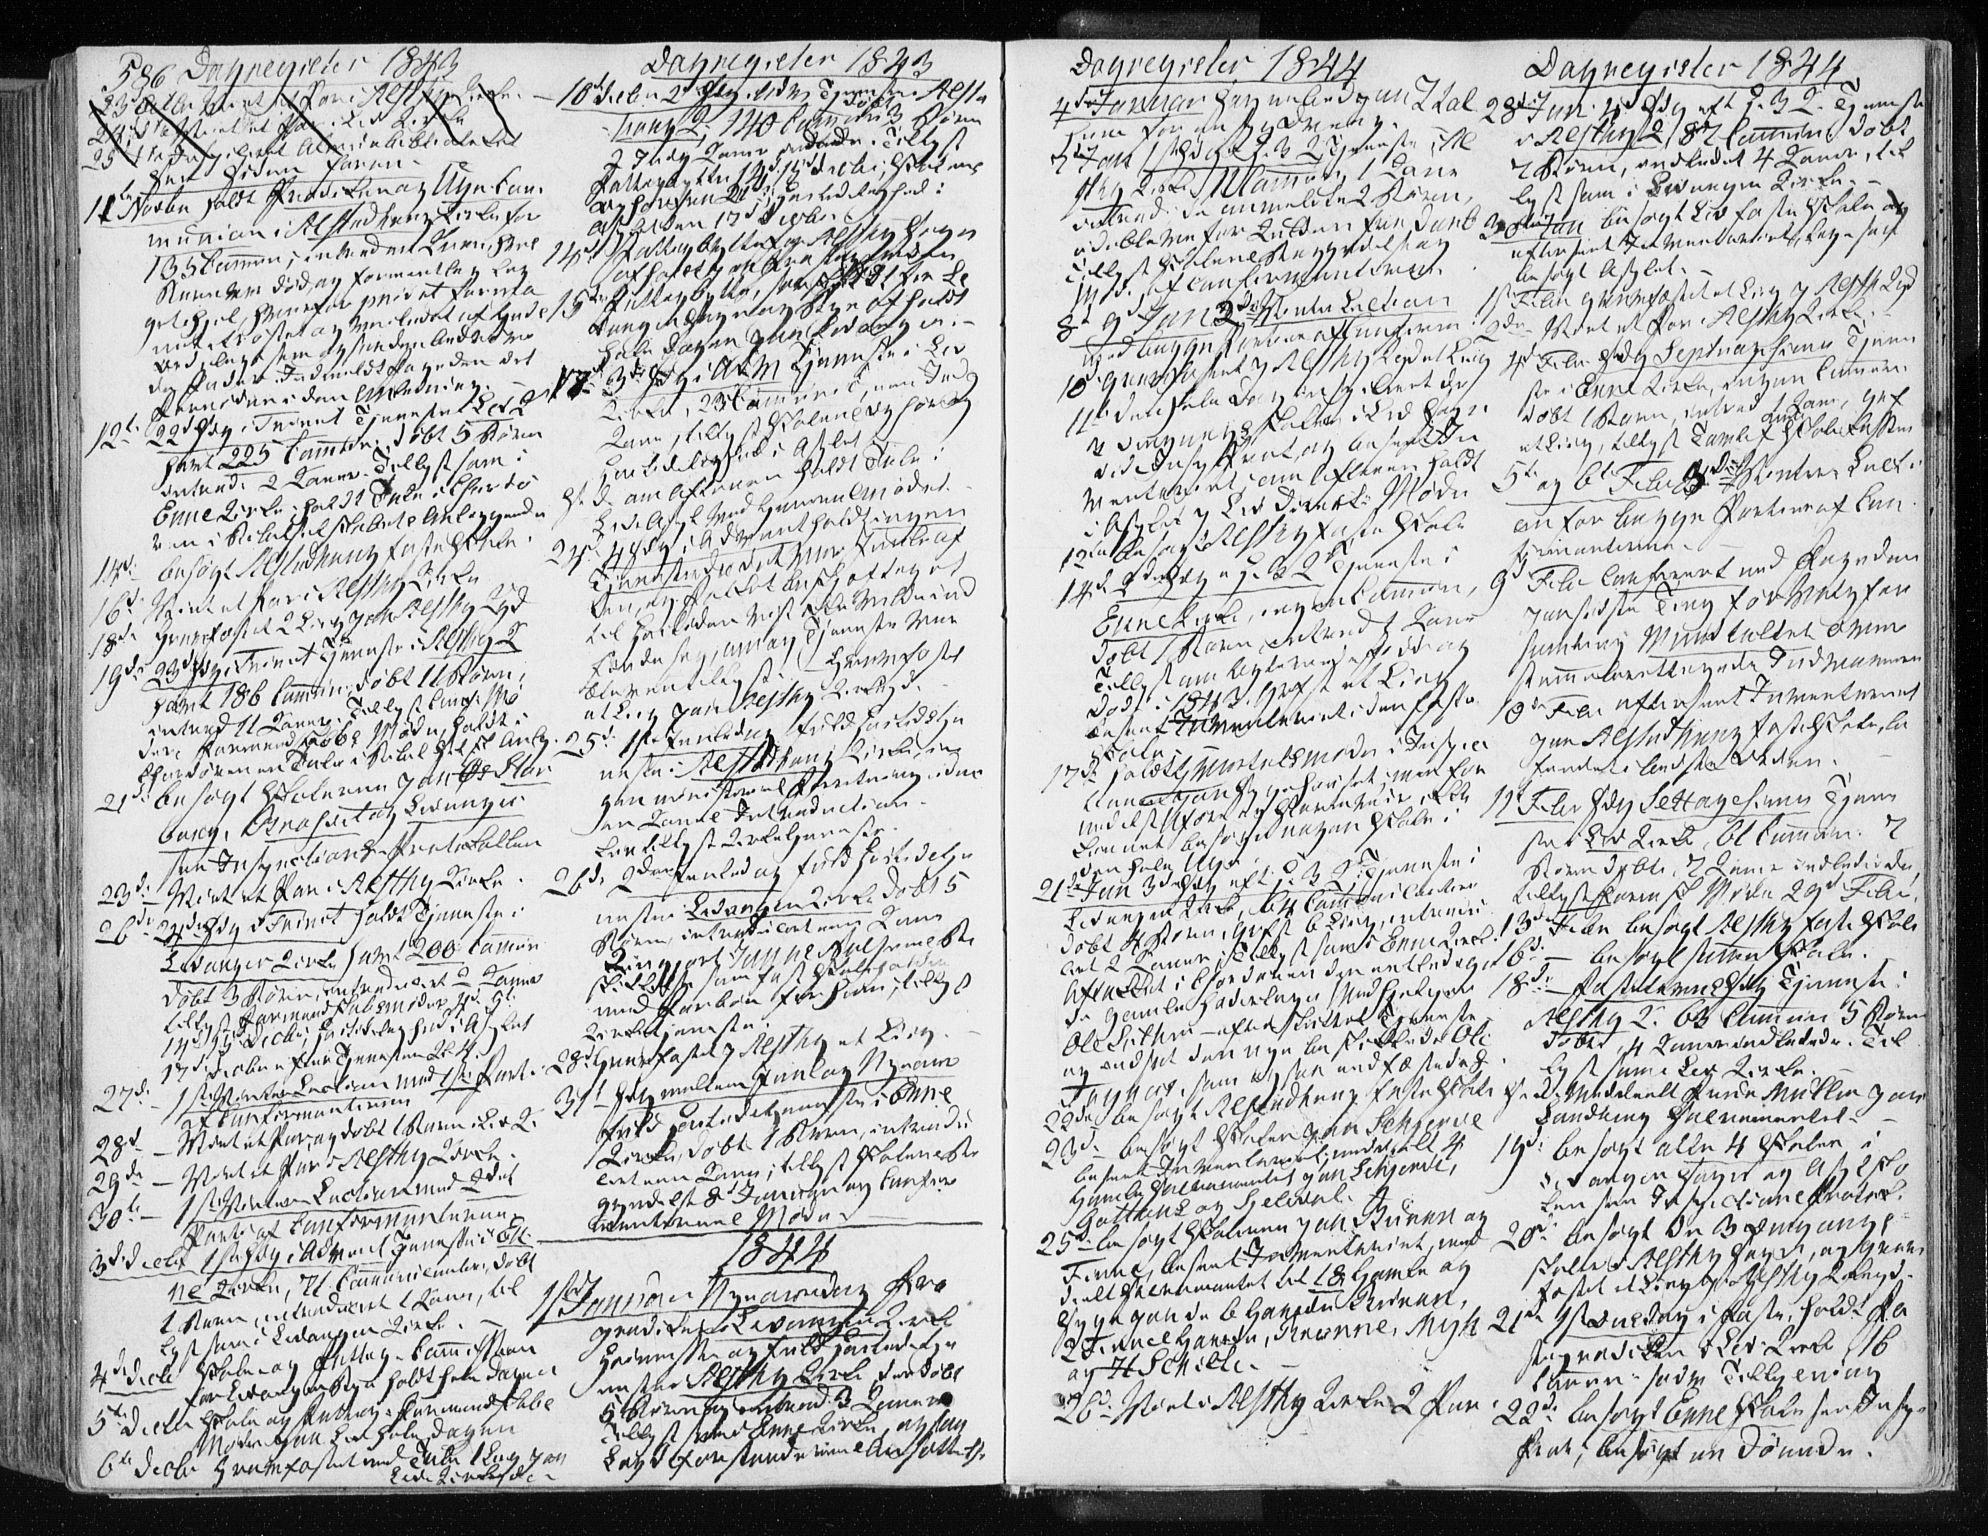 SAT, Ministerialprotokoller, klokkerbøker og fødselsregistre - Nord-Trøndelag, 717/L0154: Ministerialbok nr. 717A06 /1, 1836-1849, s. 586